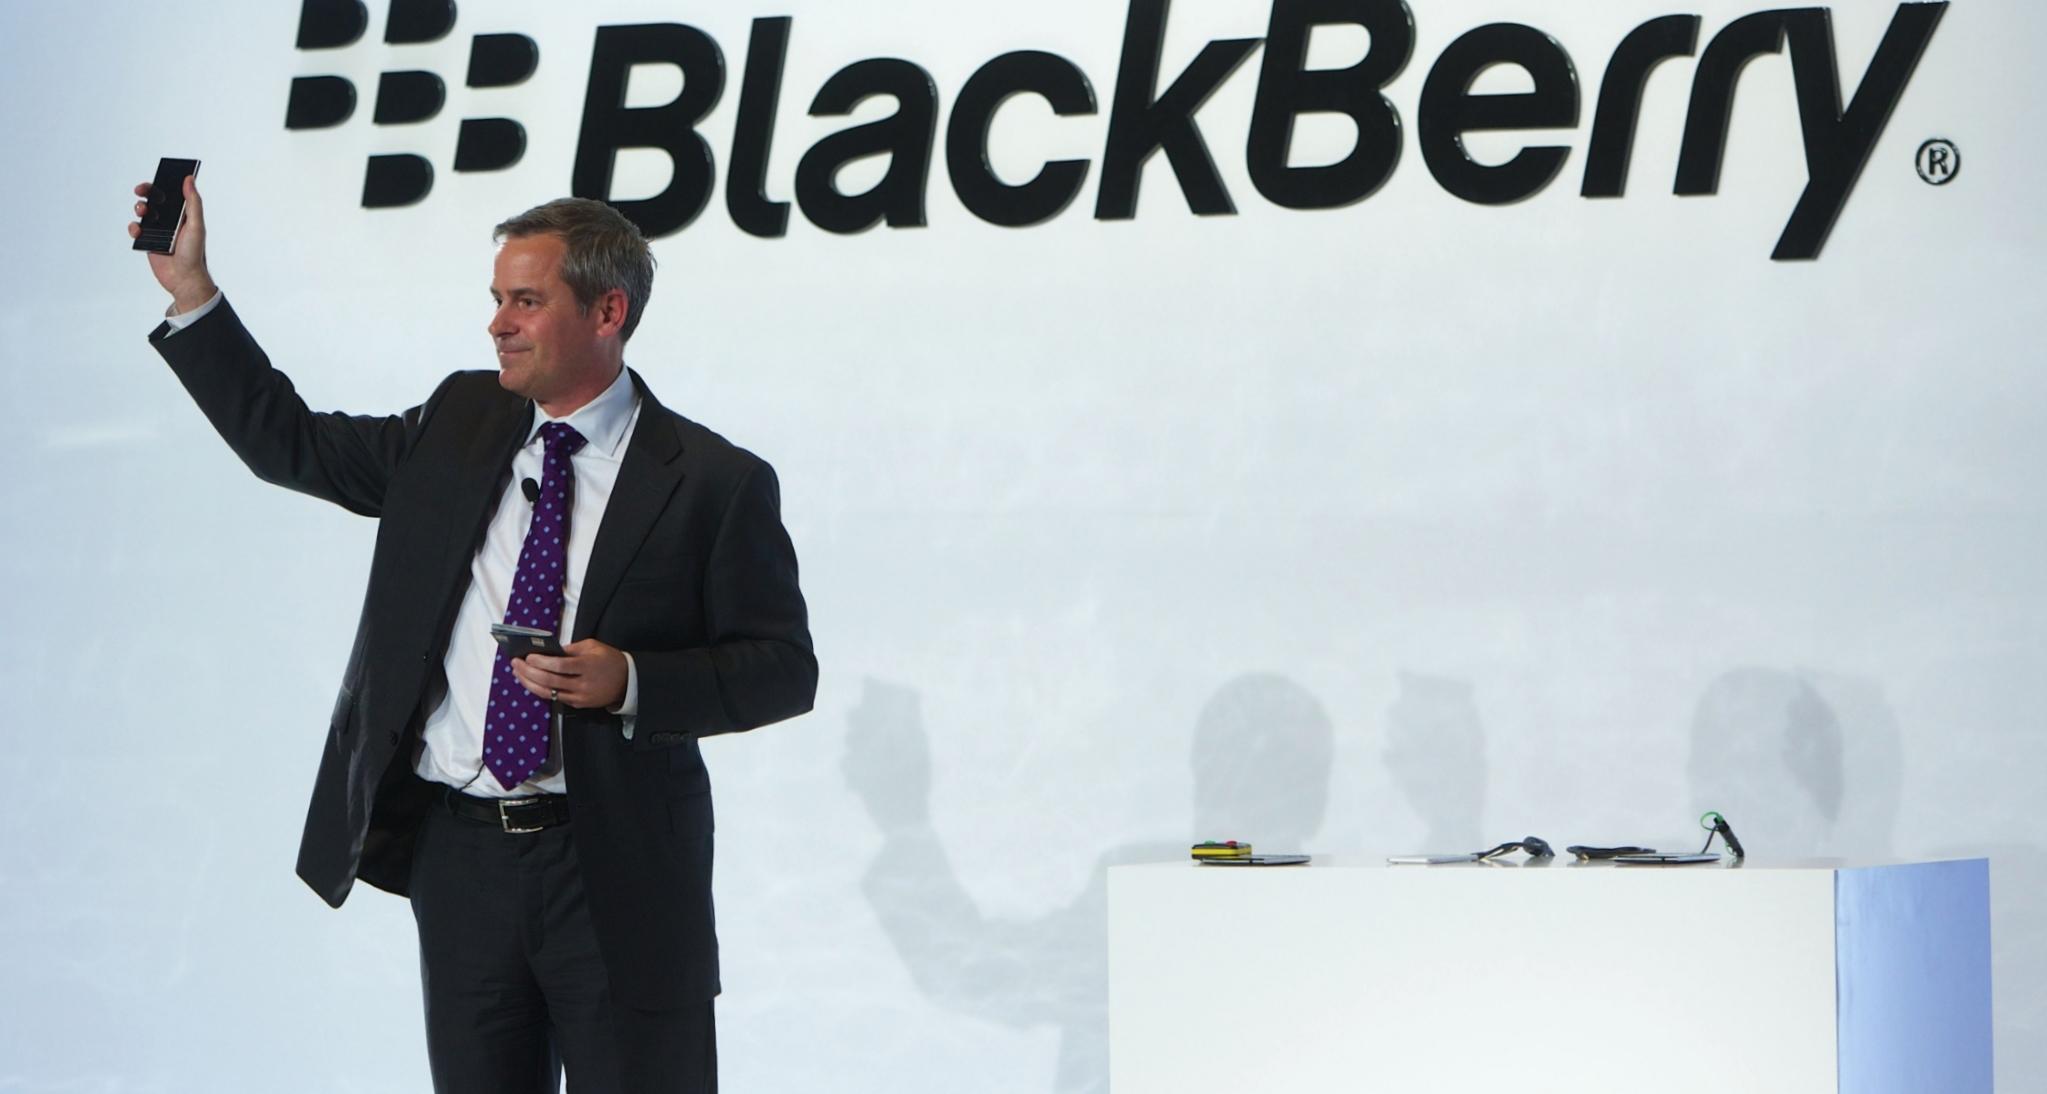 Den gang da, i 2015, var Microsoft en av de ryktede kjøperne av Blackberry.